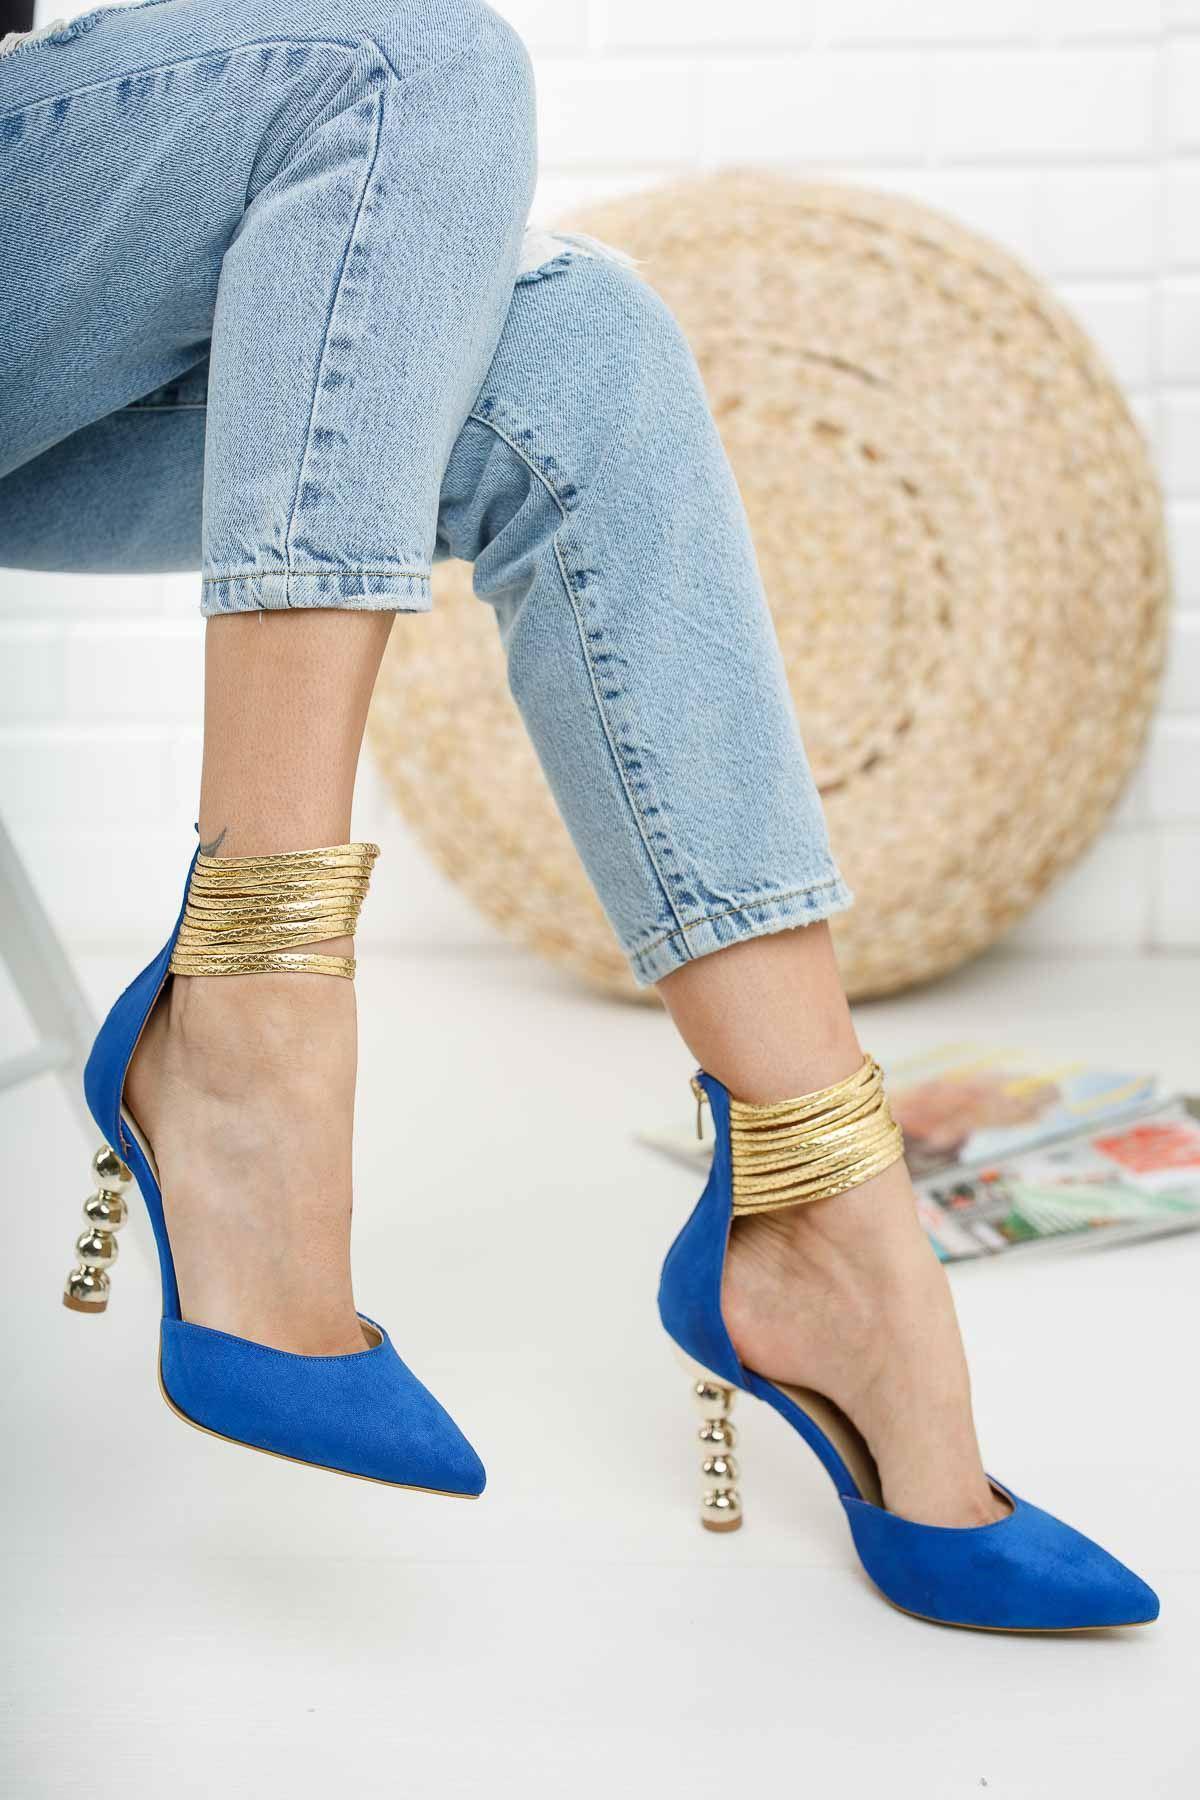 Miny Sax Mavi Süet Topuklu Ayakkabı Stiletto